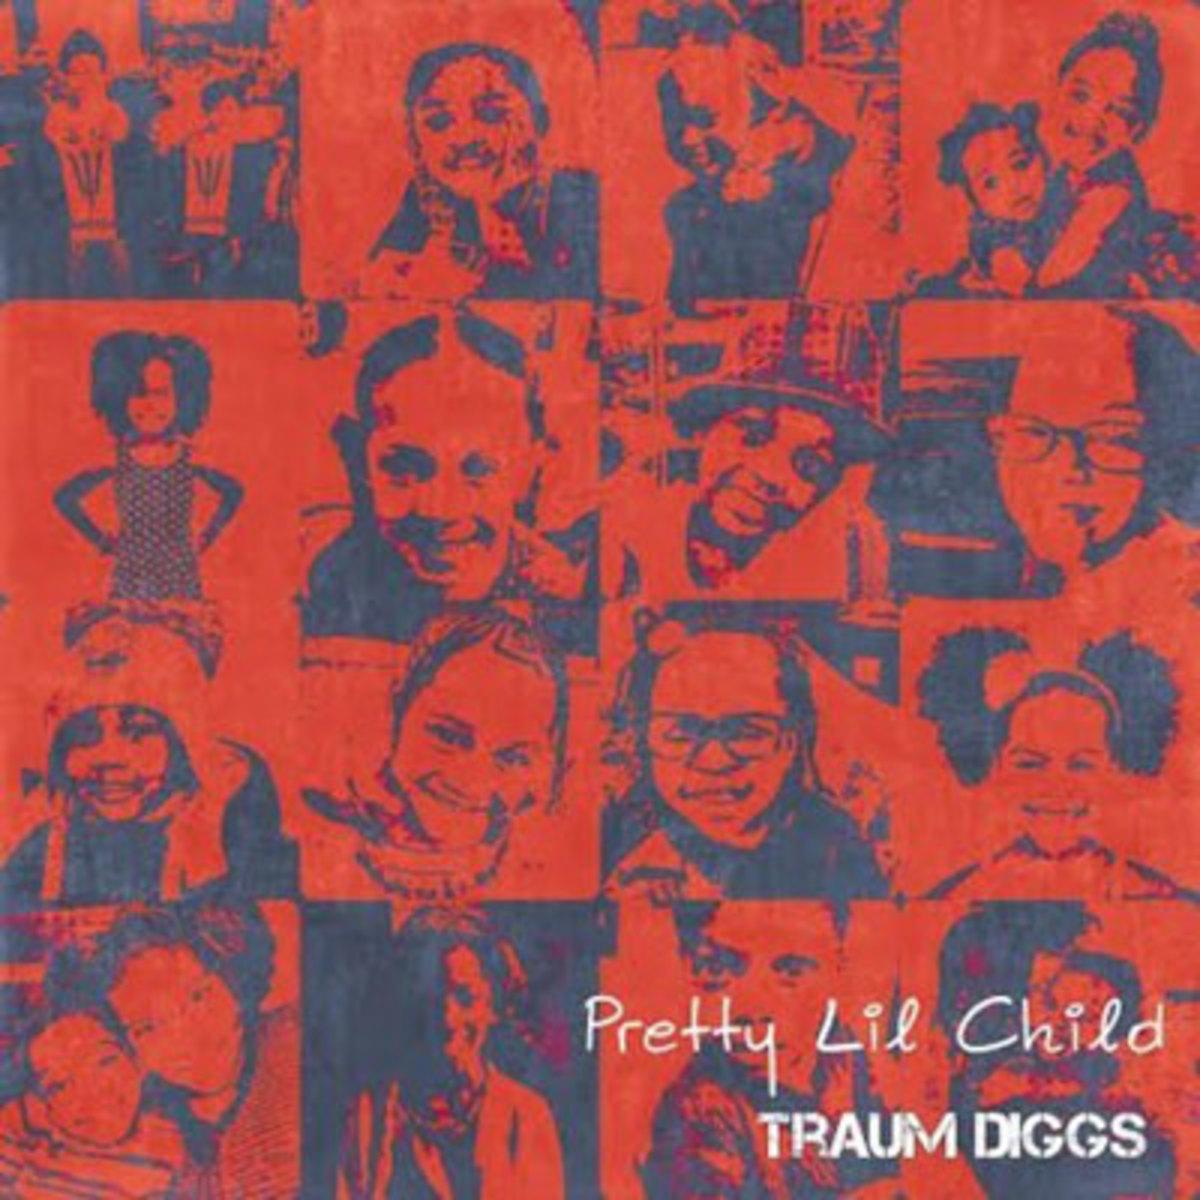 traumdiggs-prettylittlechild.jpg